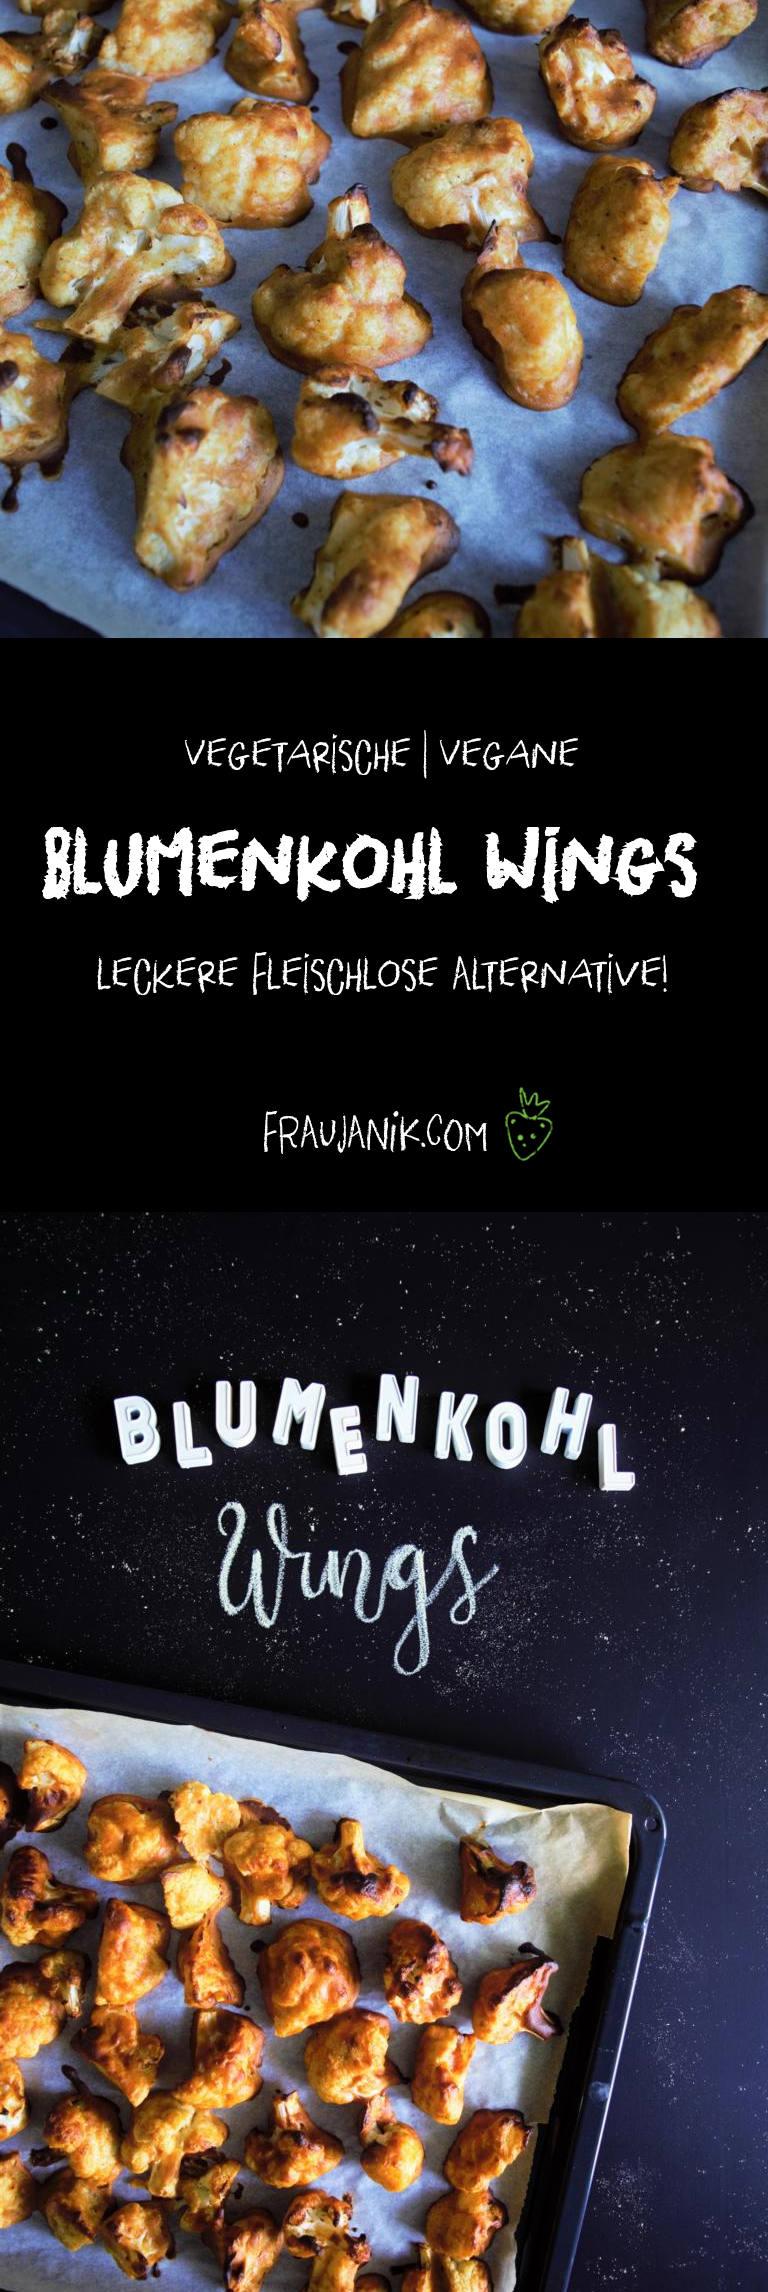 Blumenkohl Wings, vegan